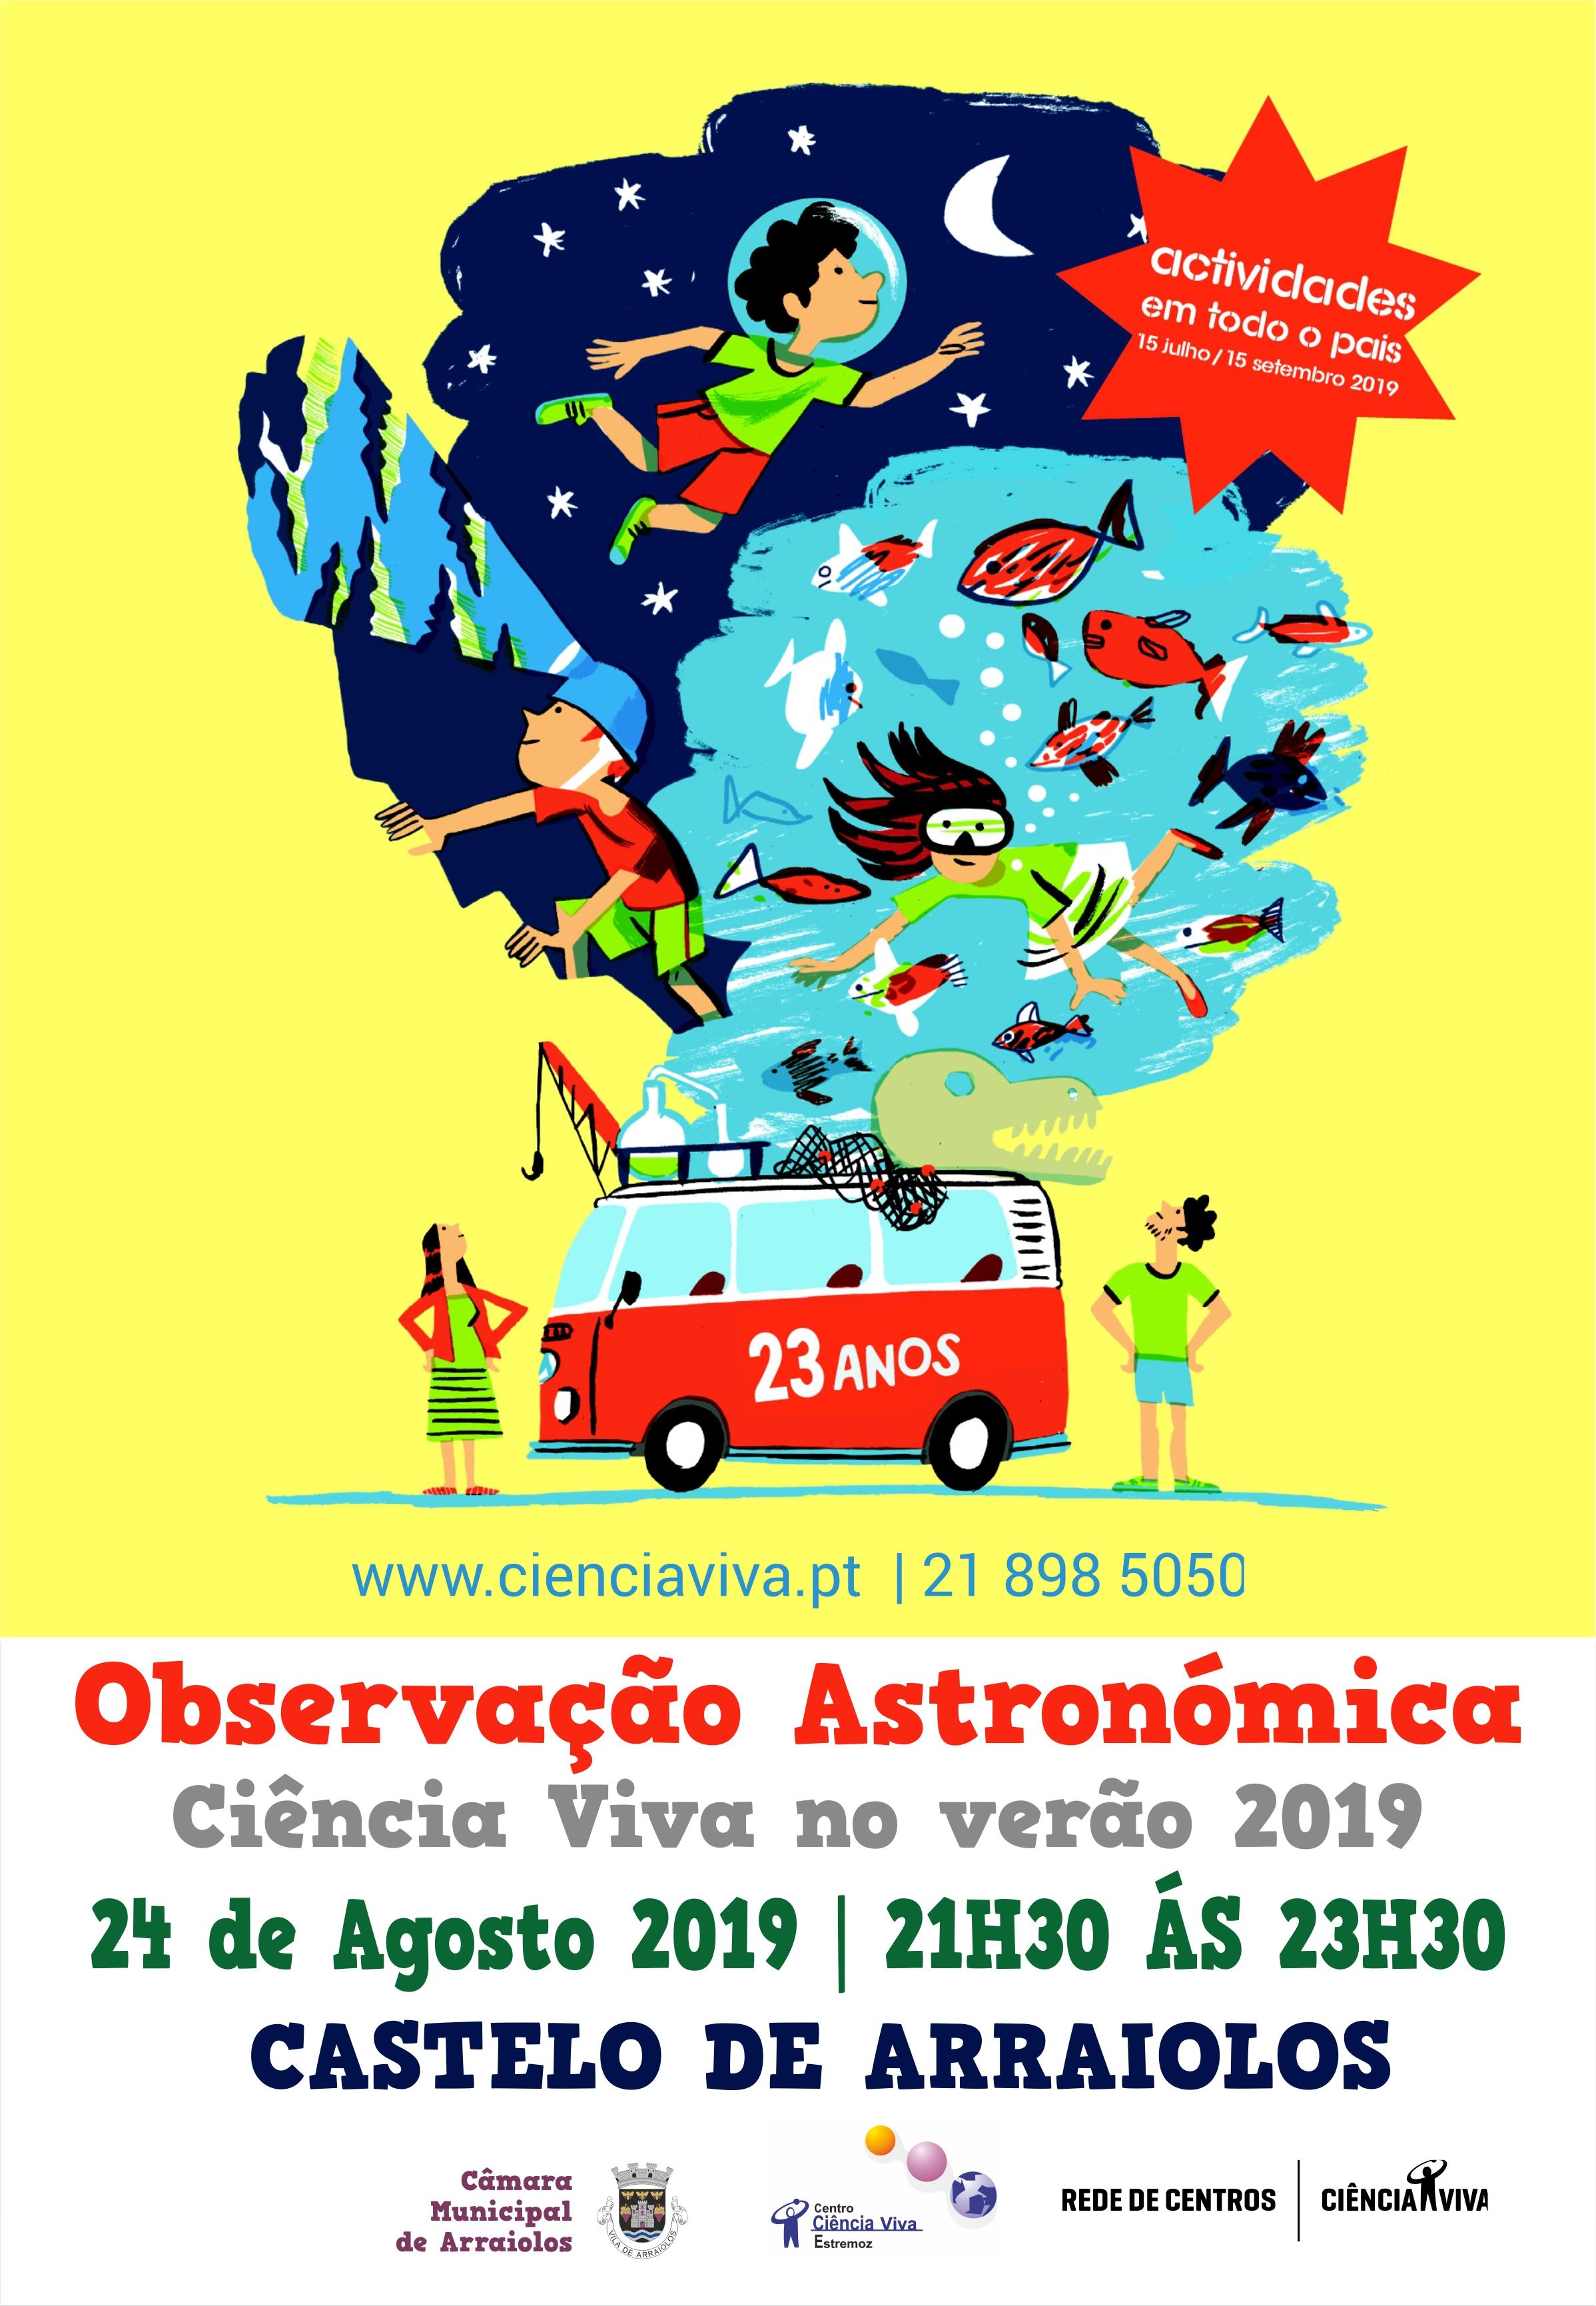 Observação Astronómica Ciencia Viva 2019.jpg